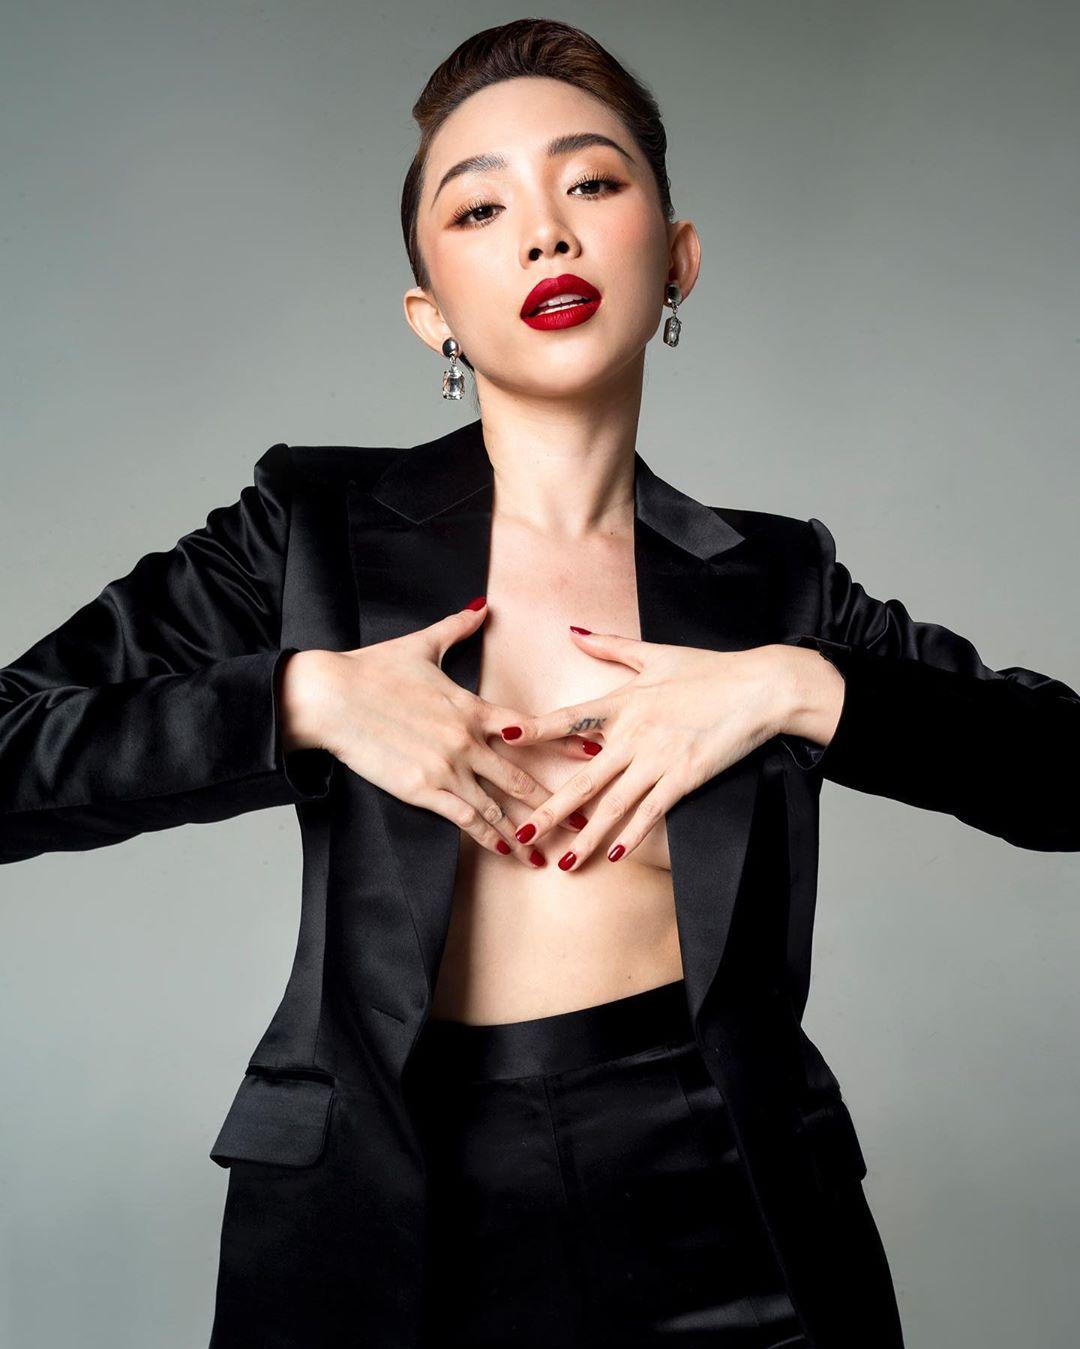 Tóc Tiên đón đầu nhiều xu hướng thời trang hiểm hóc nhất 2019 - 9